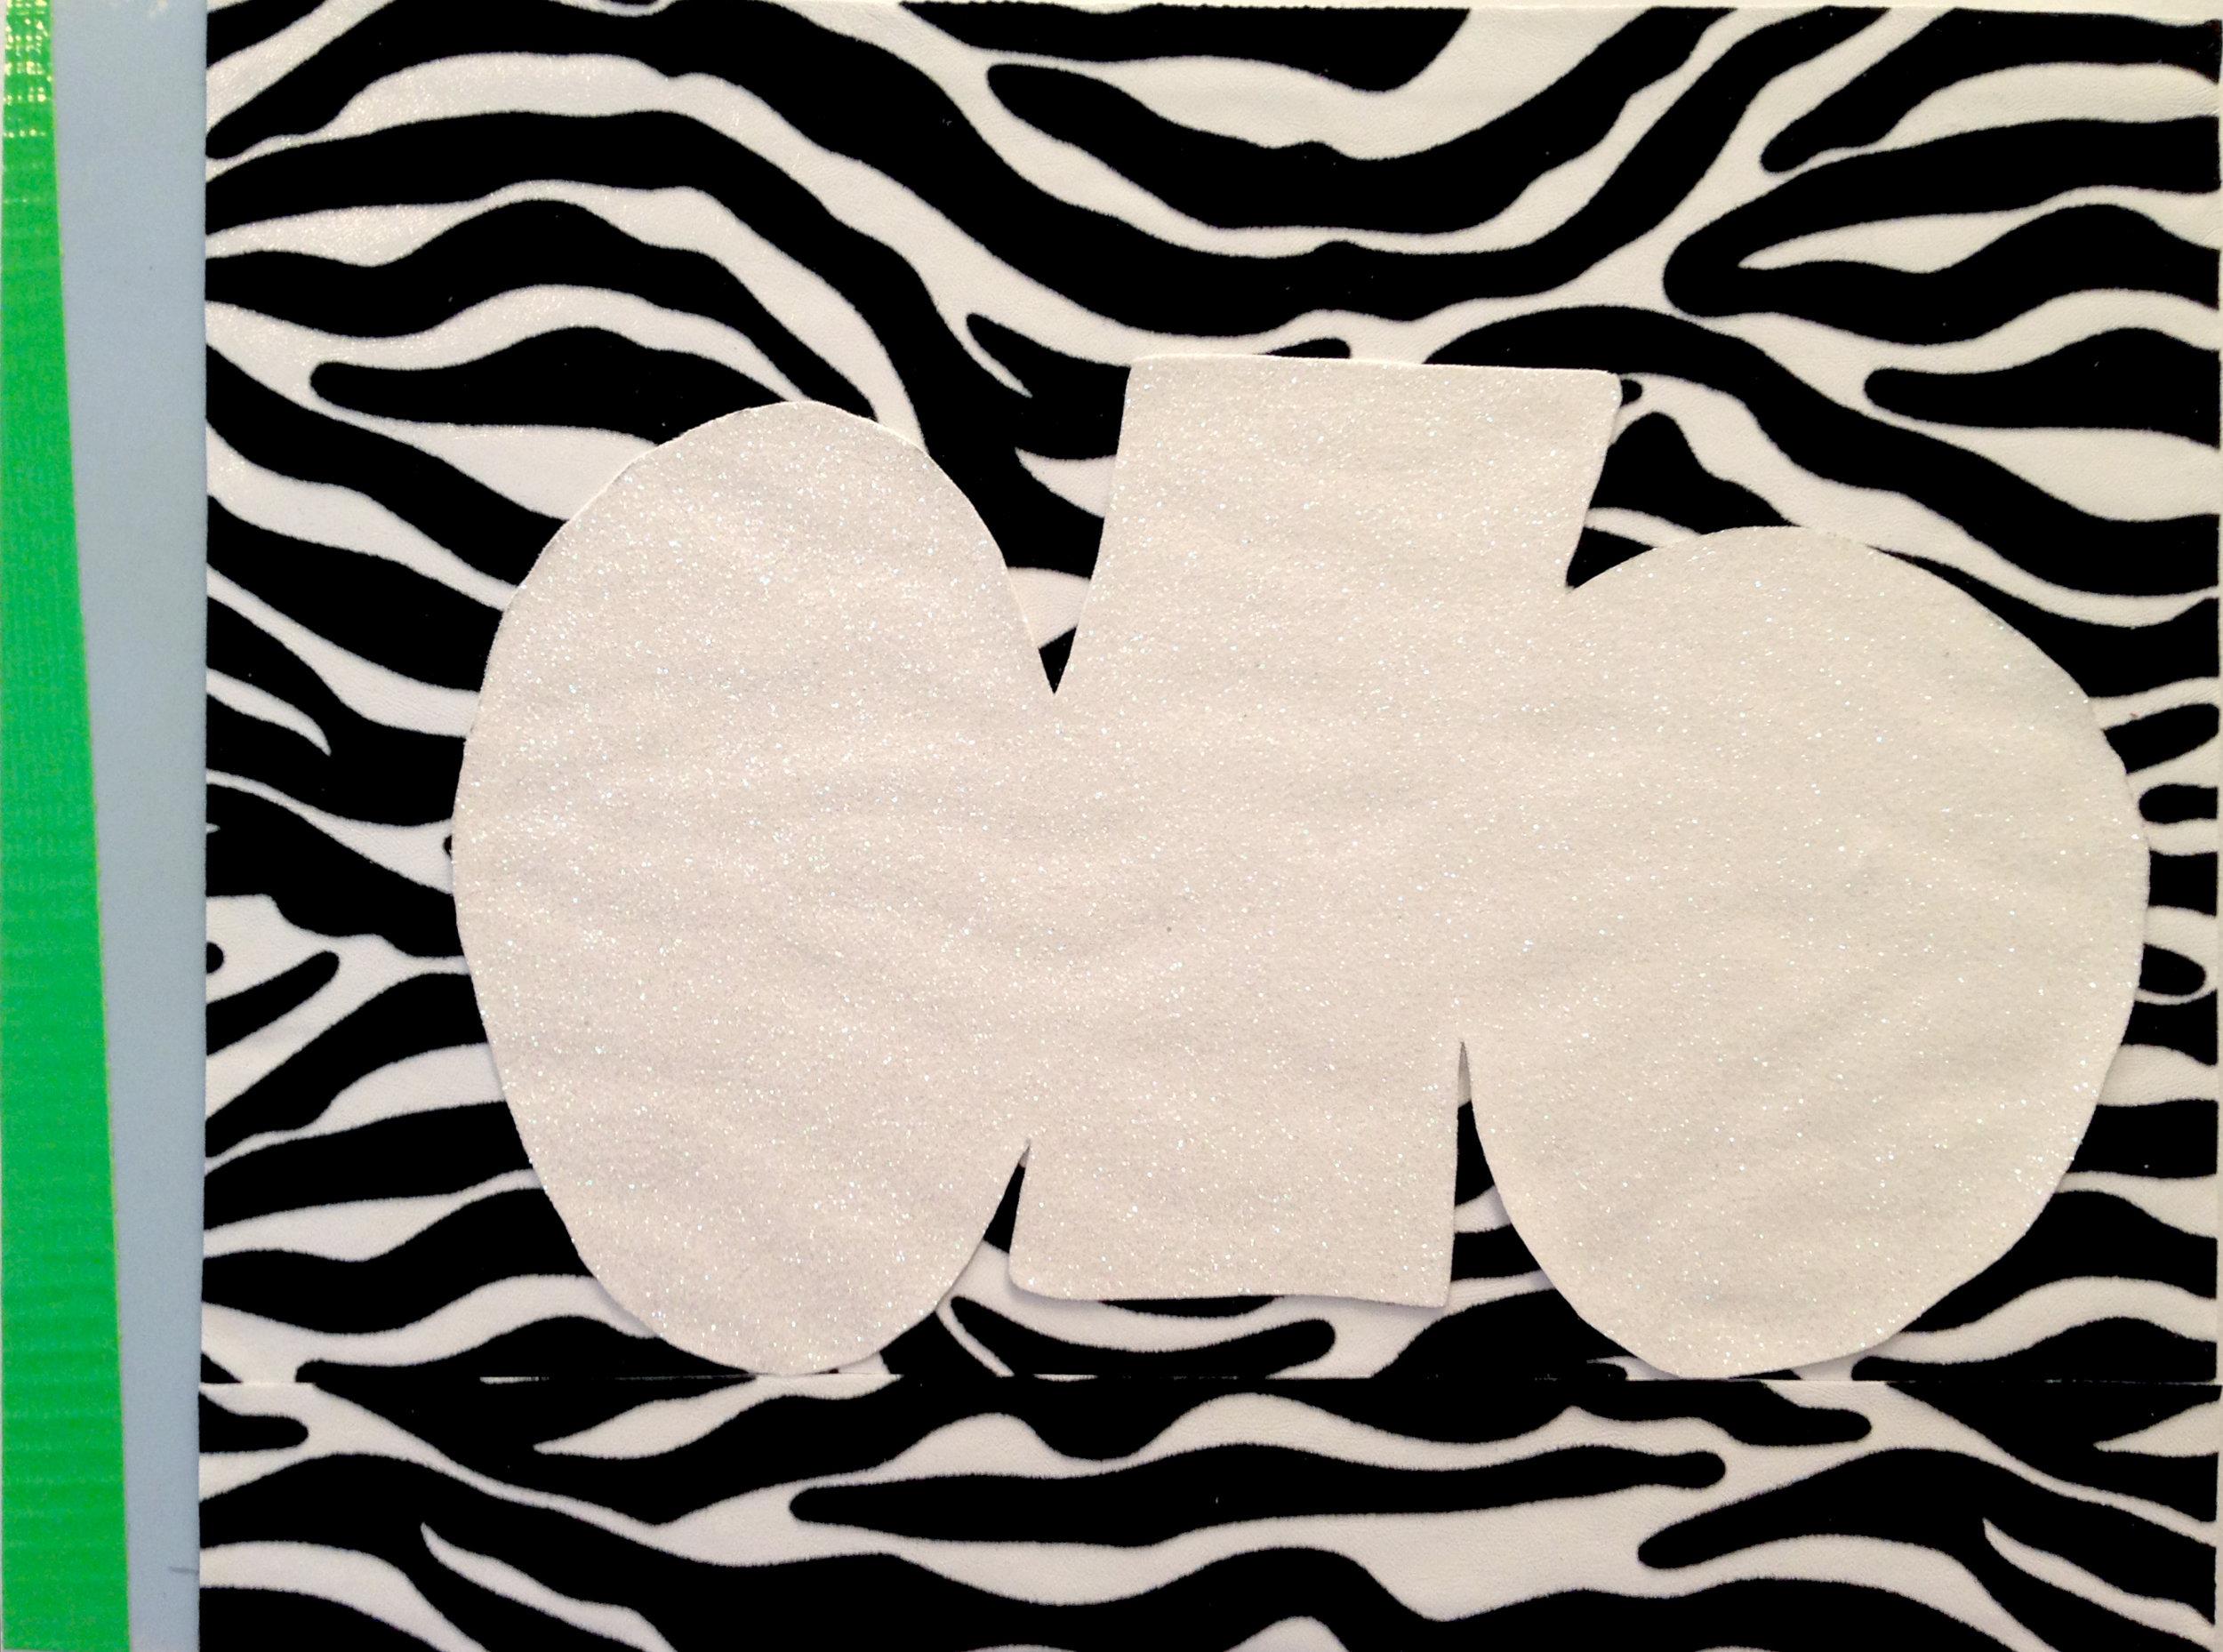 ZebraGlitter.jpg